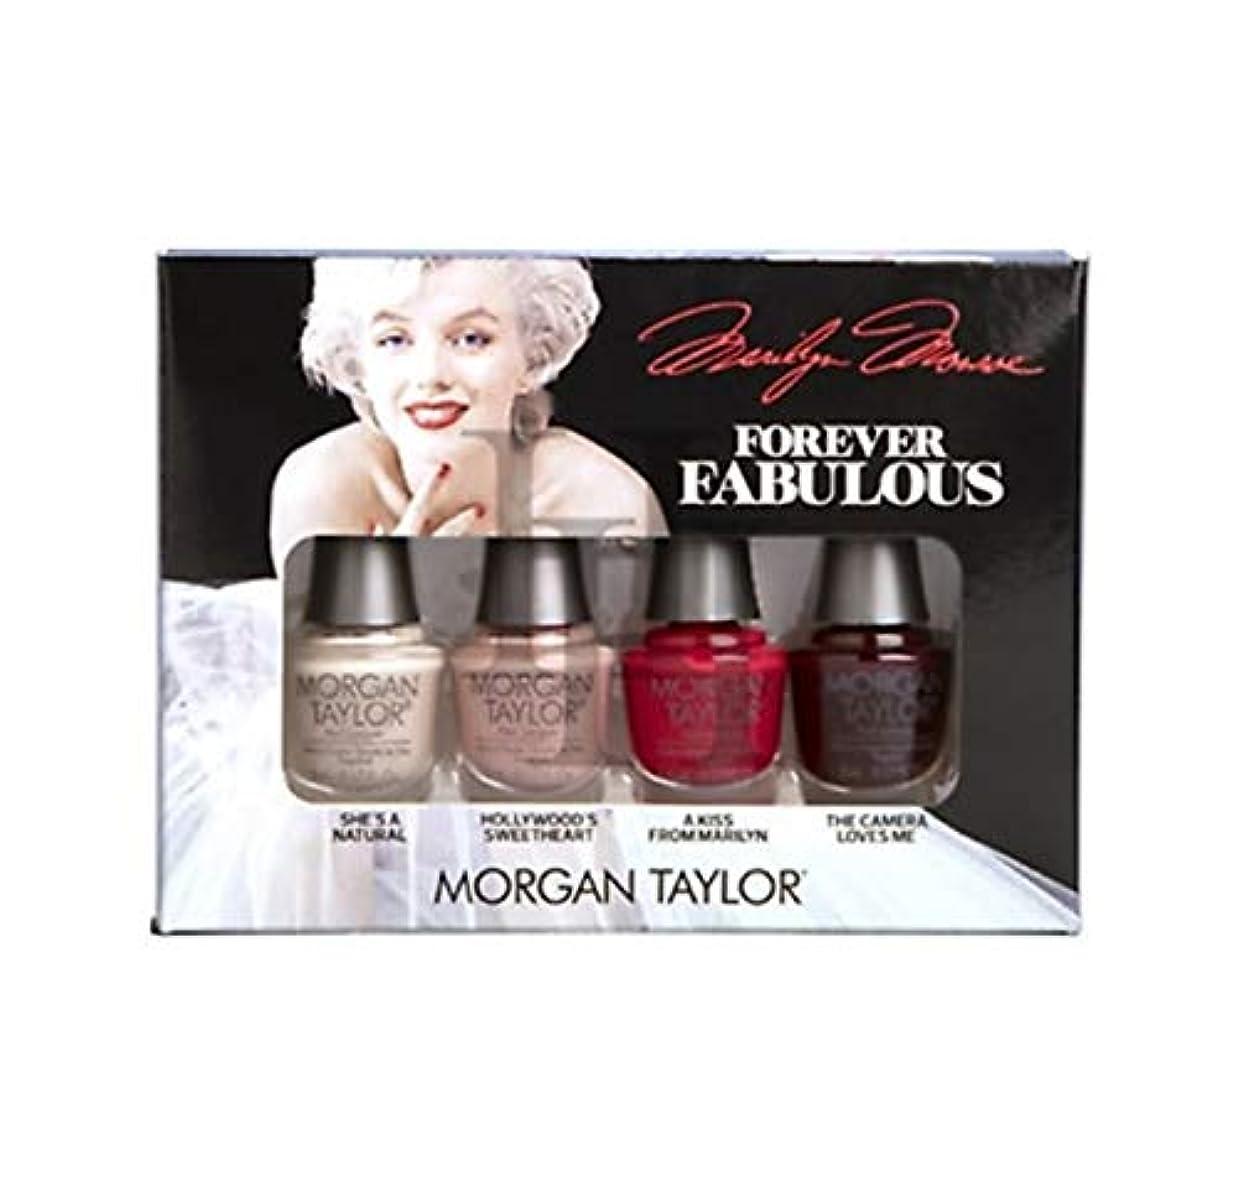 便利極貧魚Morgan Taylor - Forever Fabulous Marilyn Monroe Mini 4 Pack - 5 mL / 0.17 oz